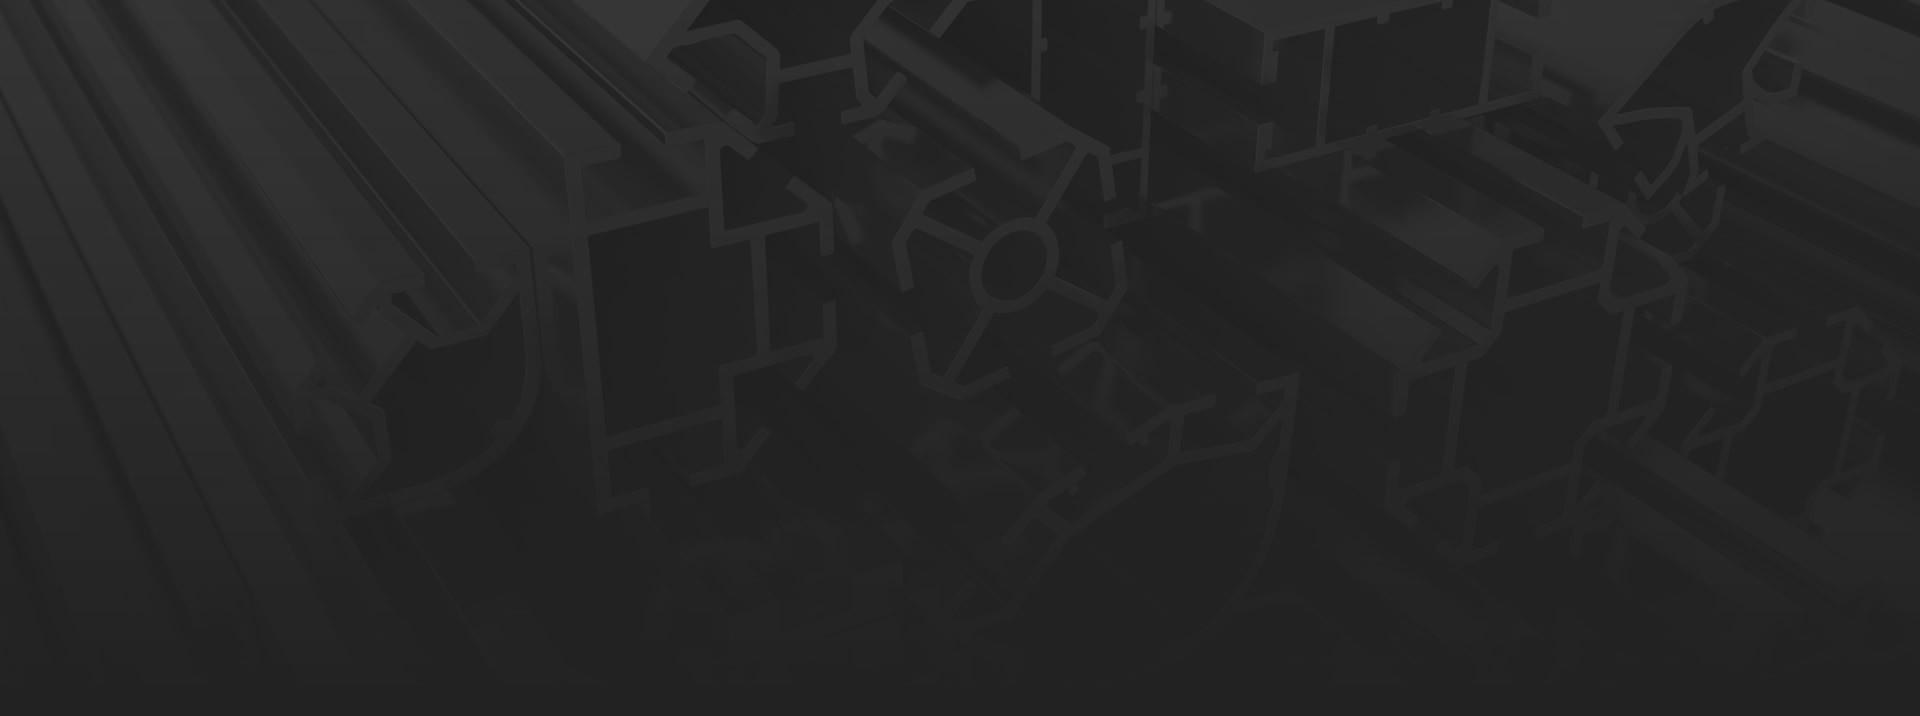 Emmegisoft Slide News 02 pt